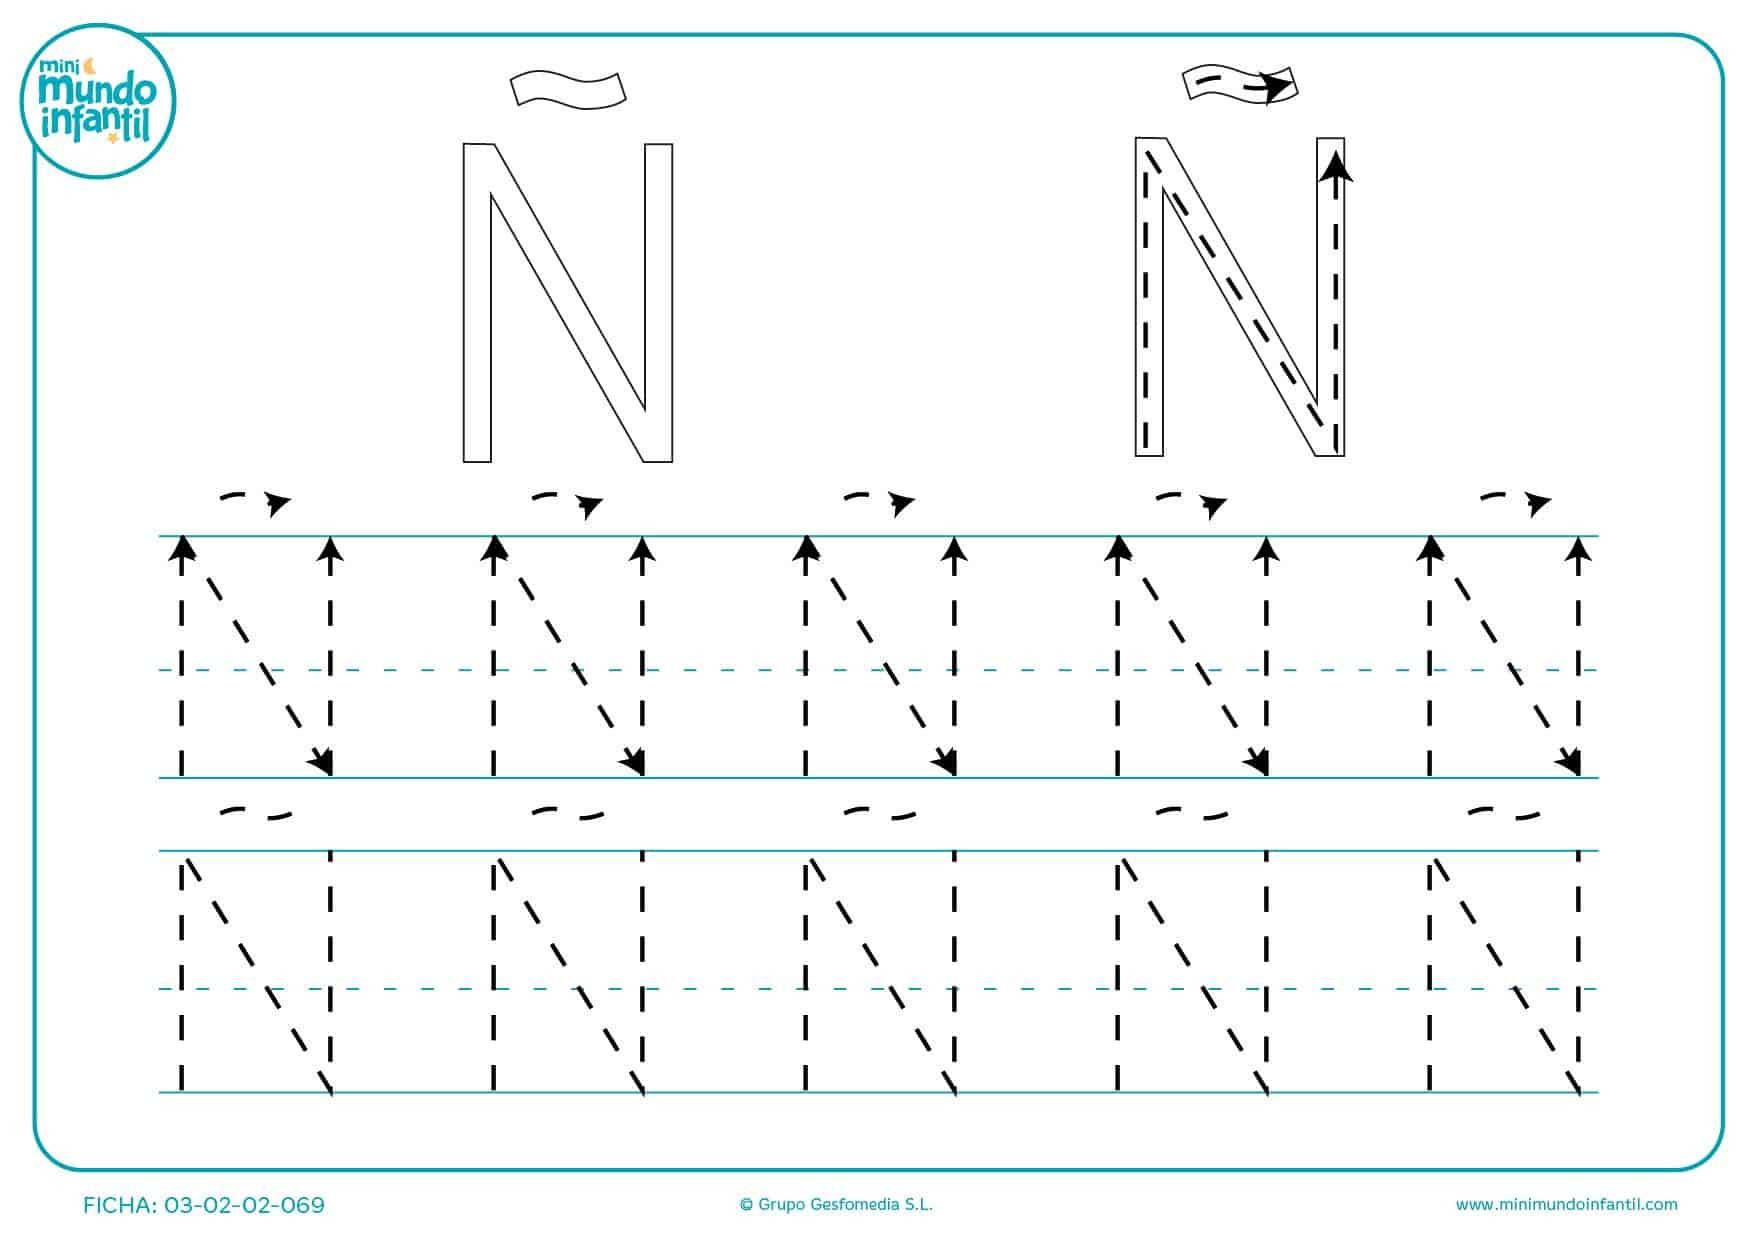 Aprender la letra Ñ repasando las líneas